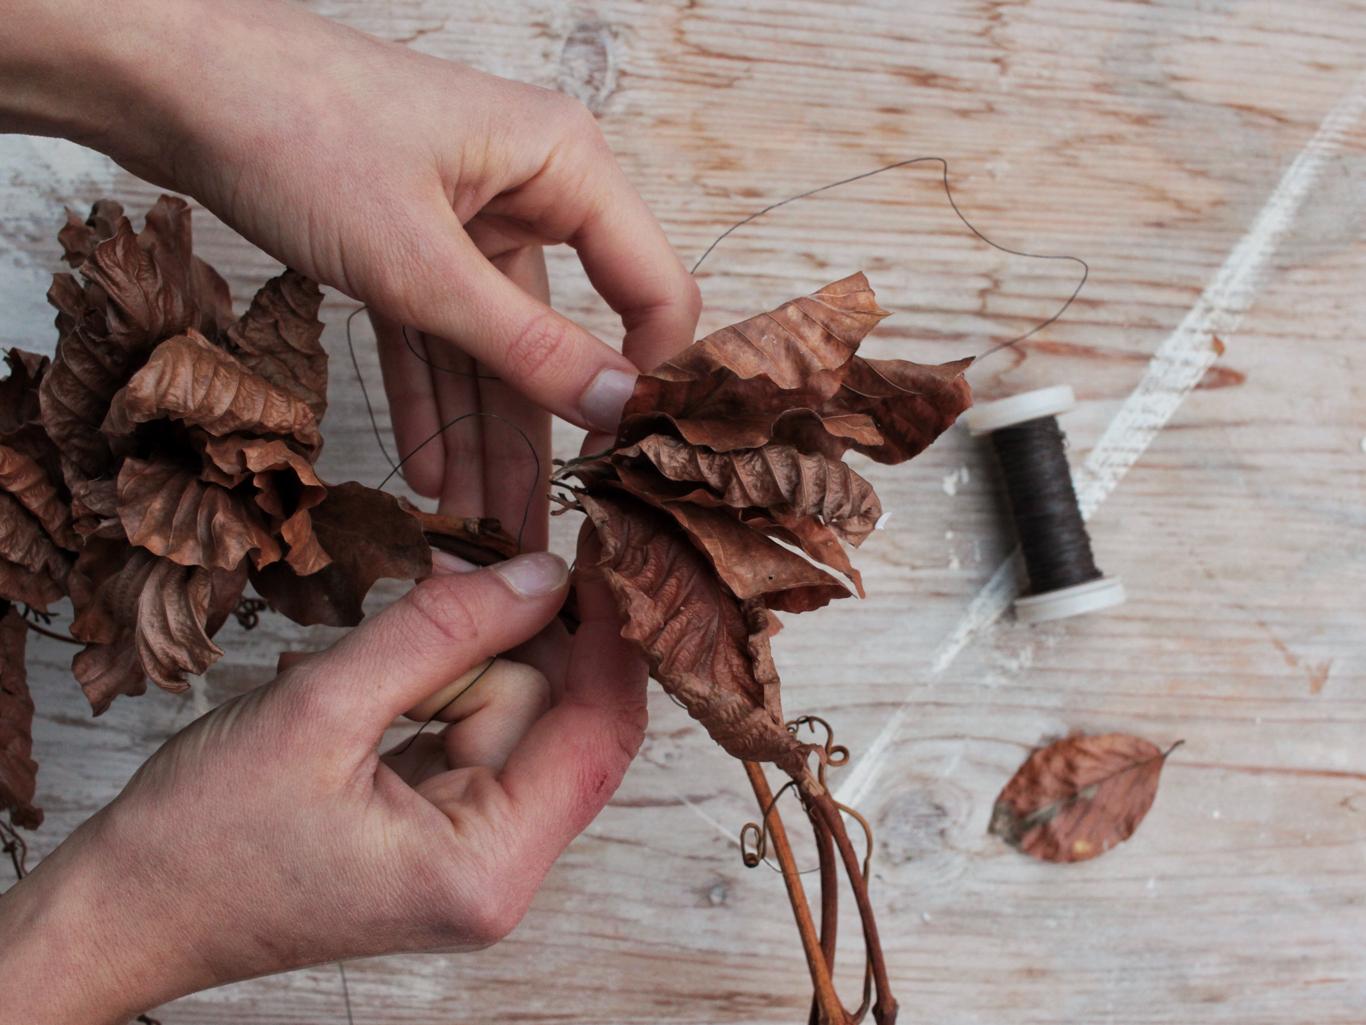 attorcigliare le foglie di faggio attorno al supporto